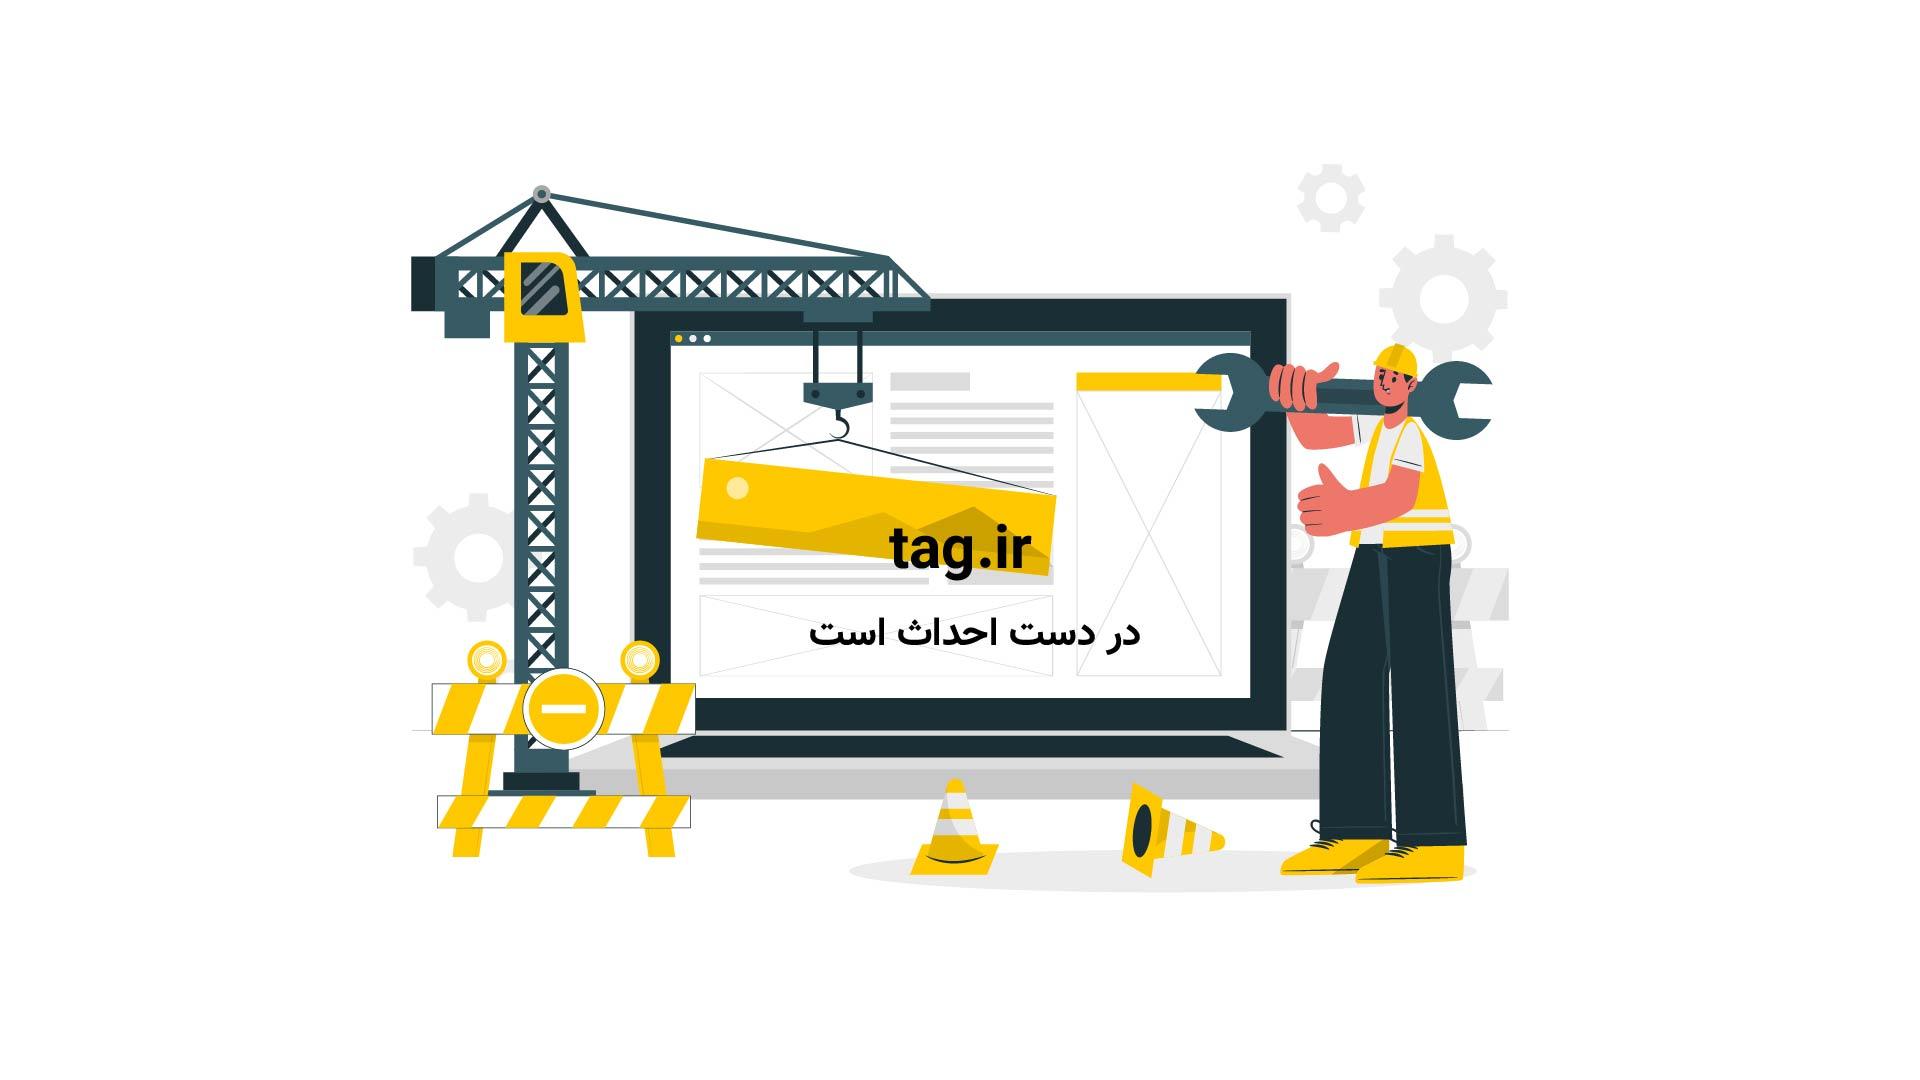 مسابقه لب خوانی المیرا شریفی مقدم و داوود عابدی در خندوانه | فیلم